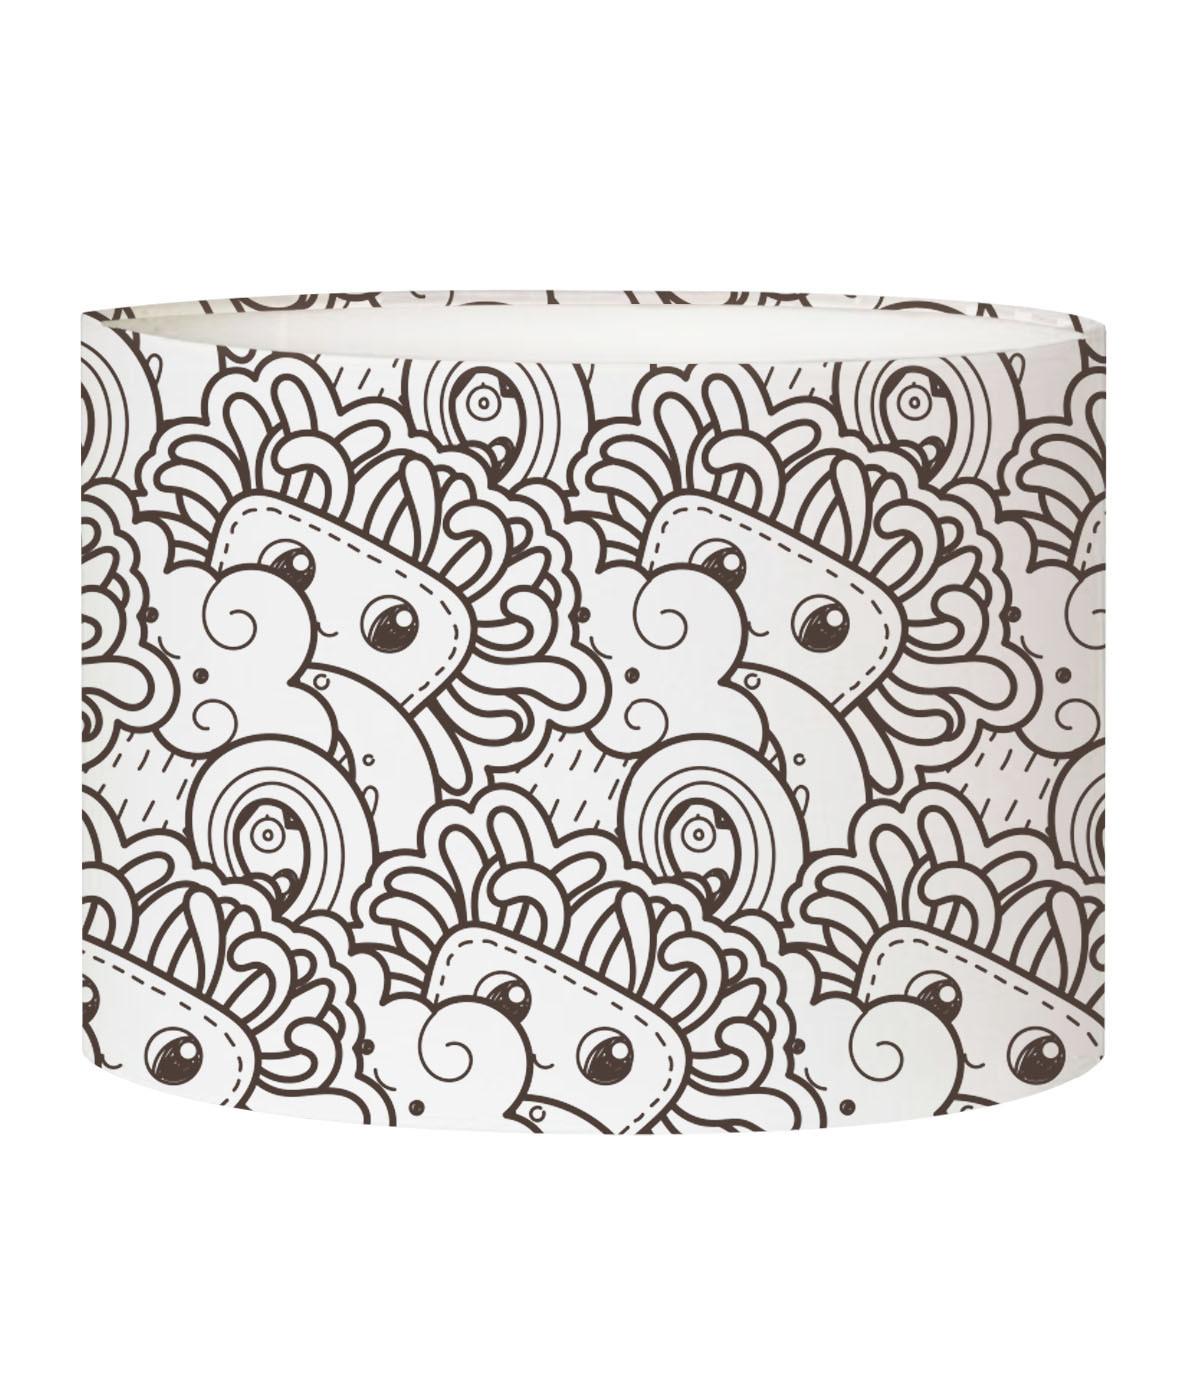 Abat-jour lampadaire enfant doodle Tendre D 45 x H 25